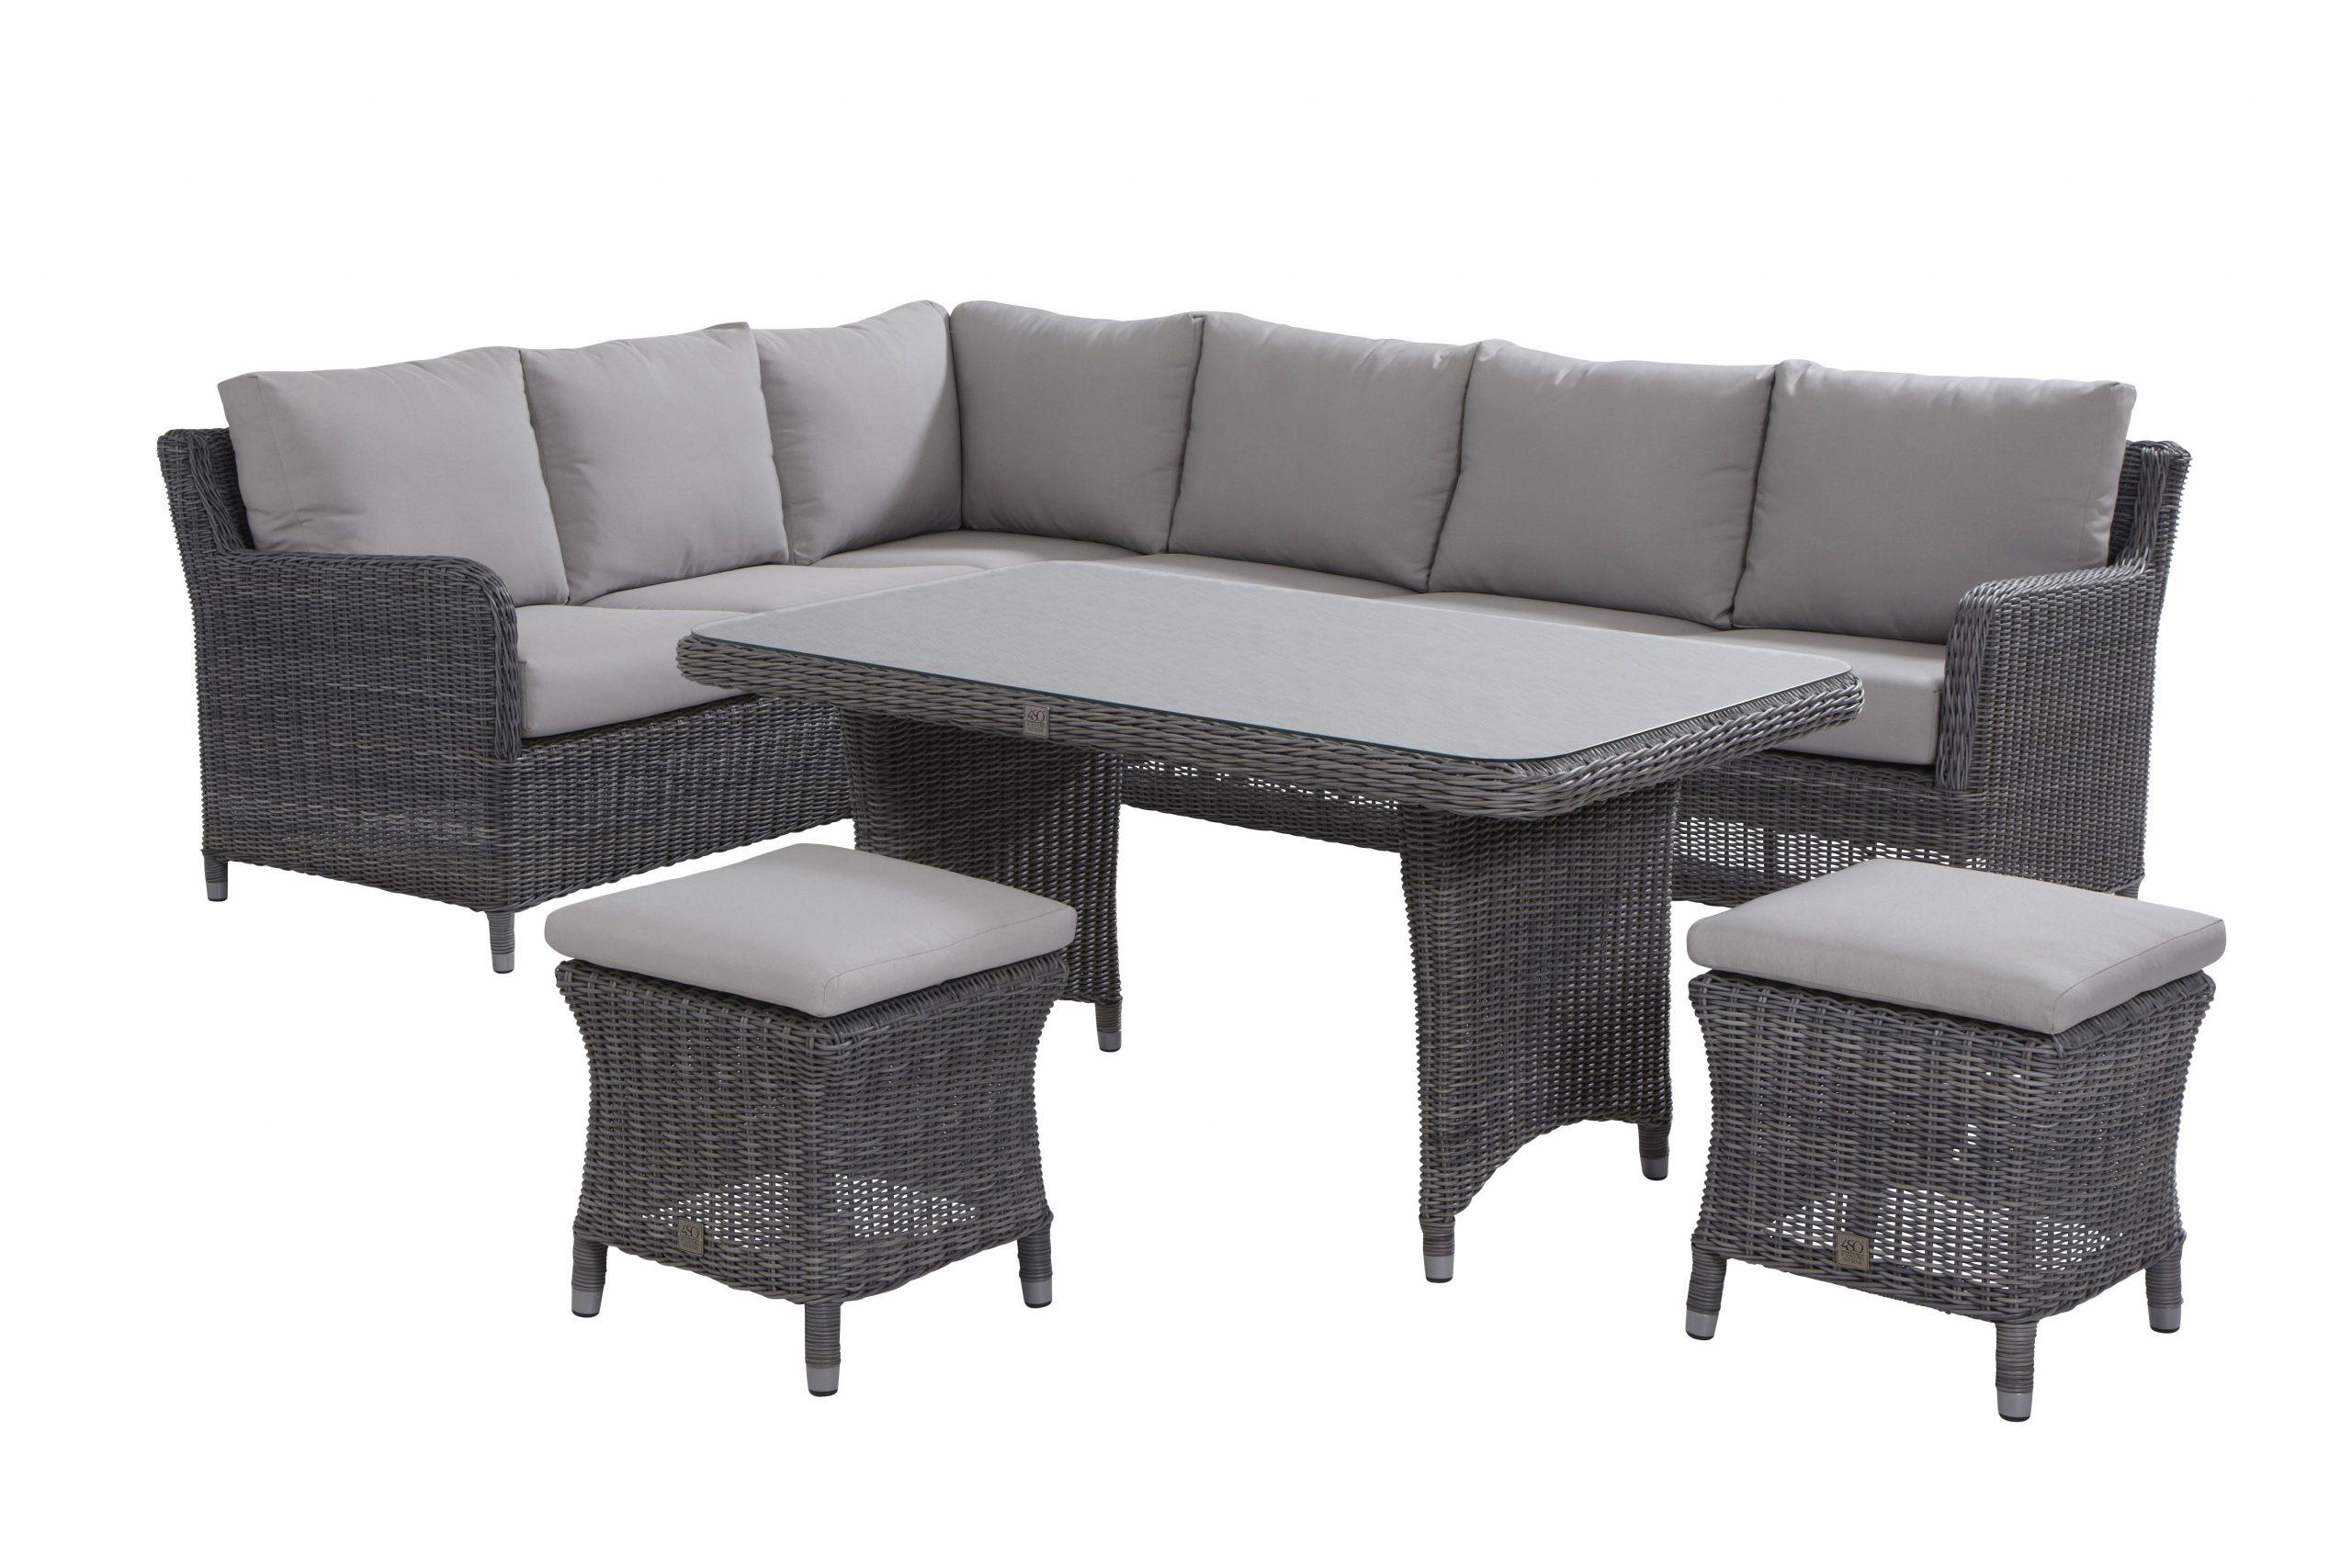 Magnifique Salon De Jardin Avec Table Haute | Décoration ... à Salon De Jardin Table Haute